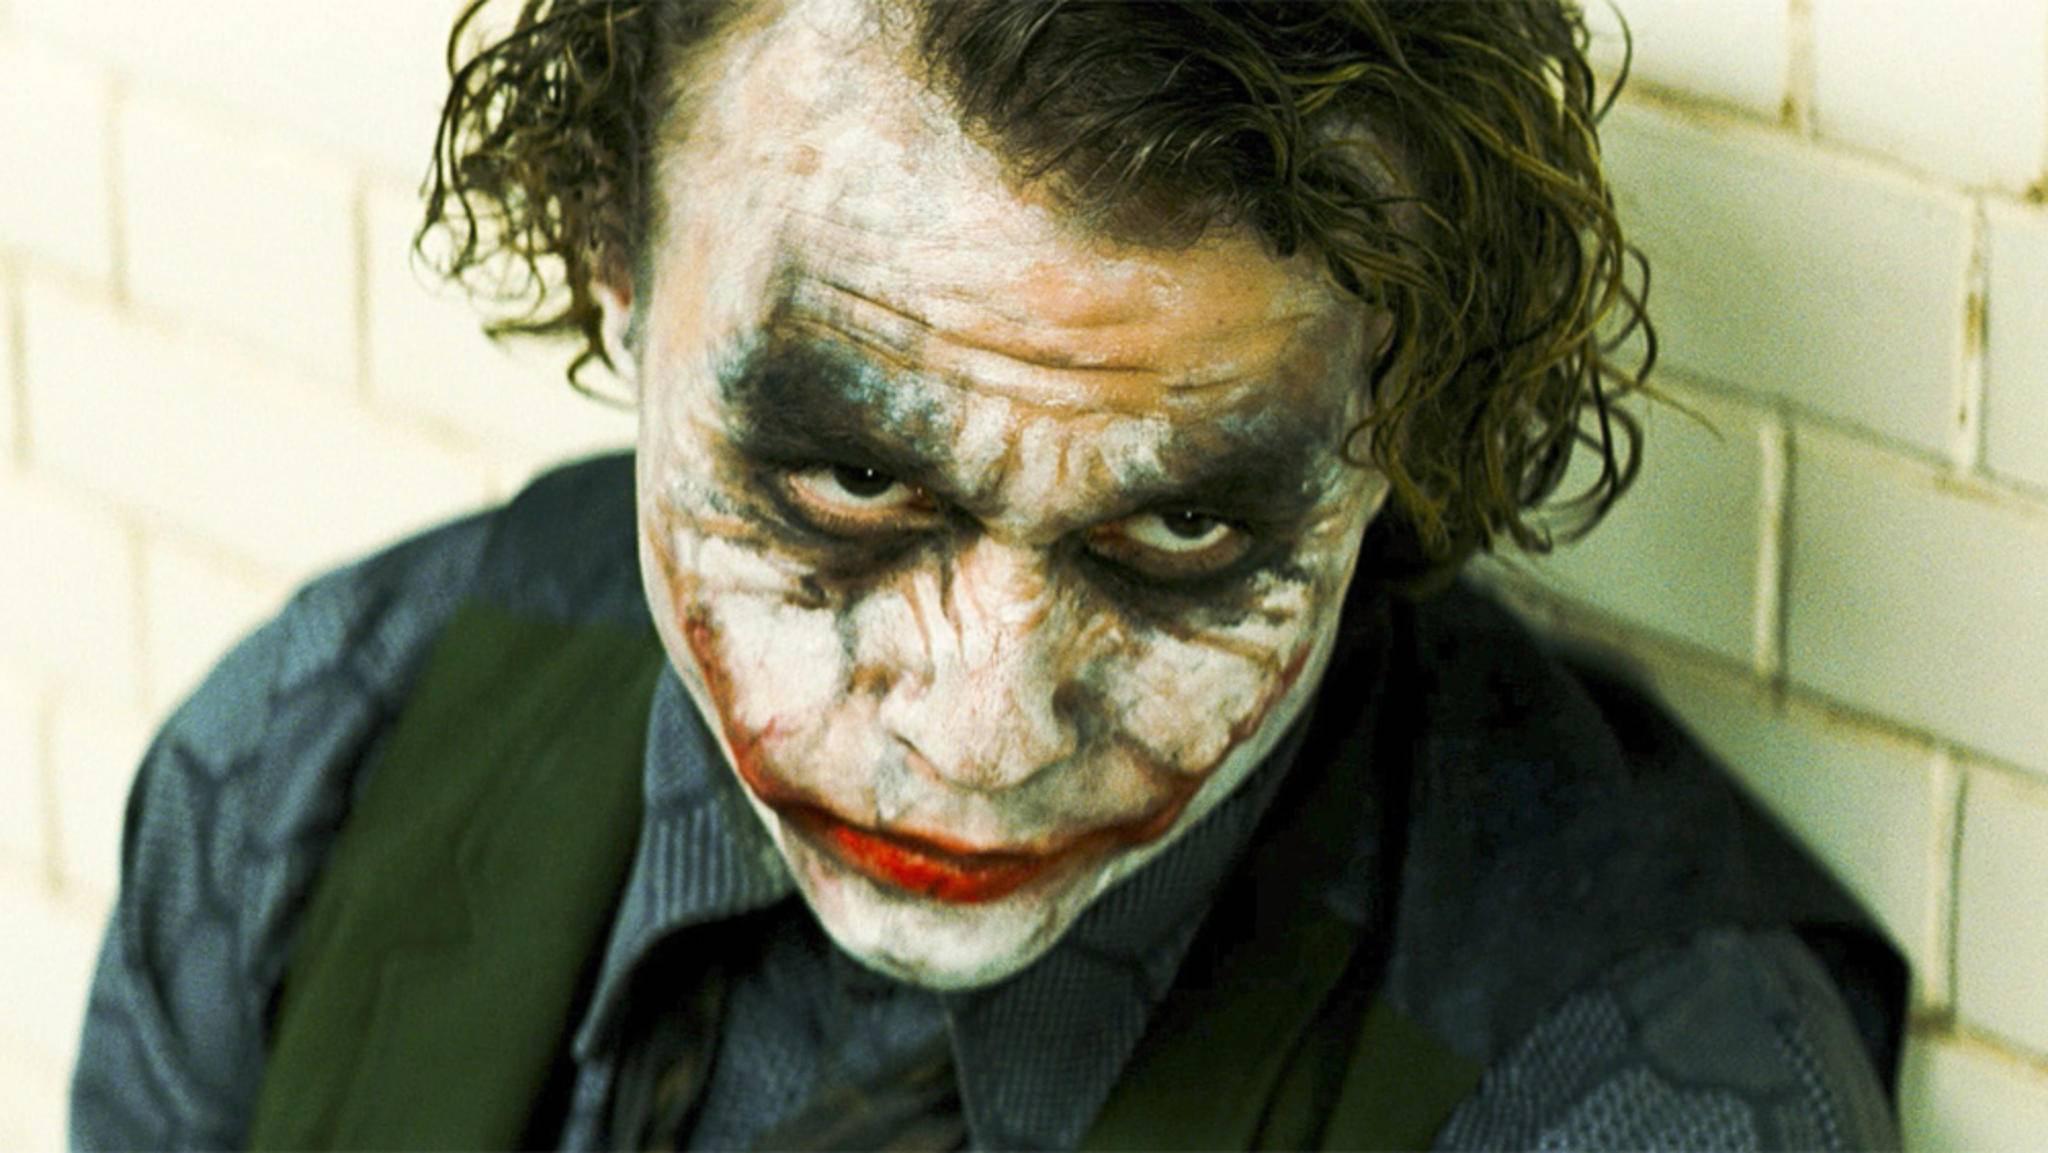 Mit der Rolle des Joker schrieb Heath Ledger Filmgeschichte.